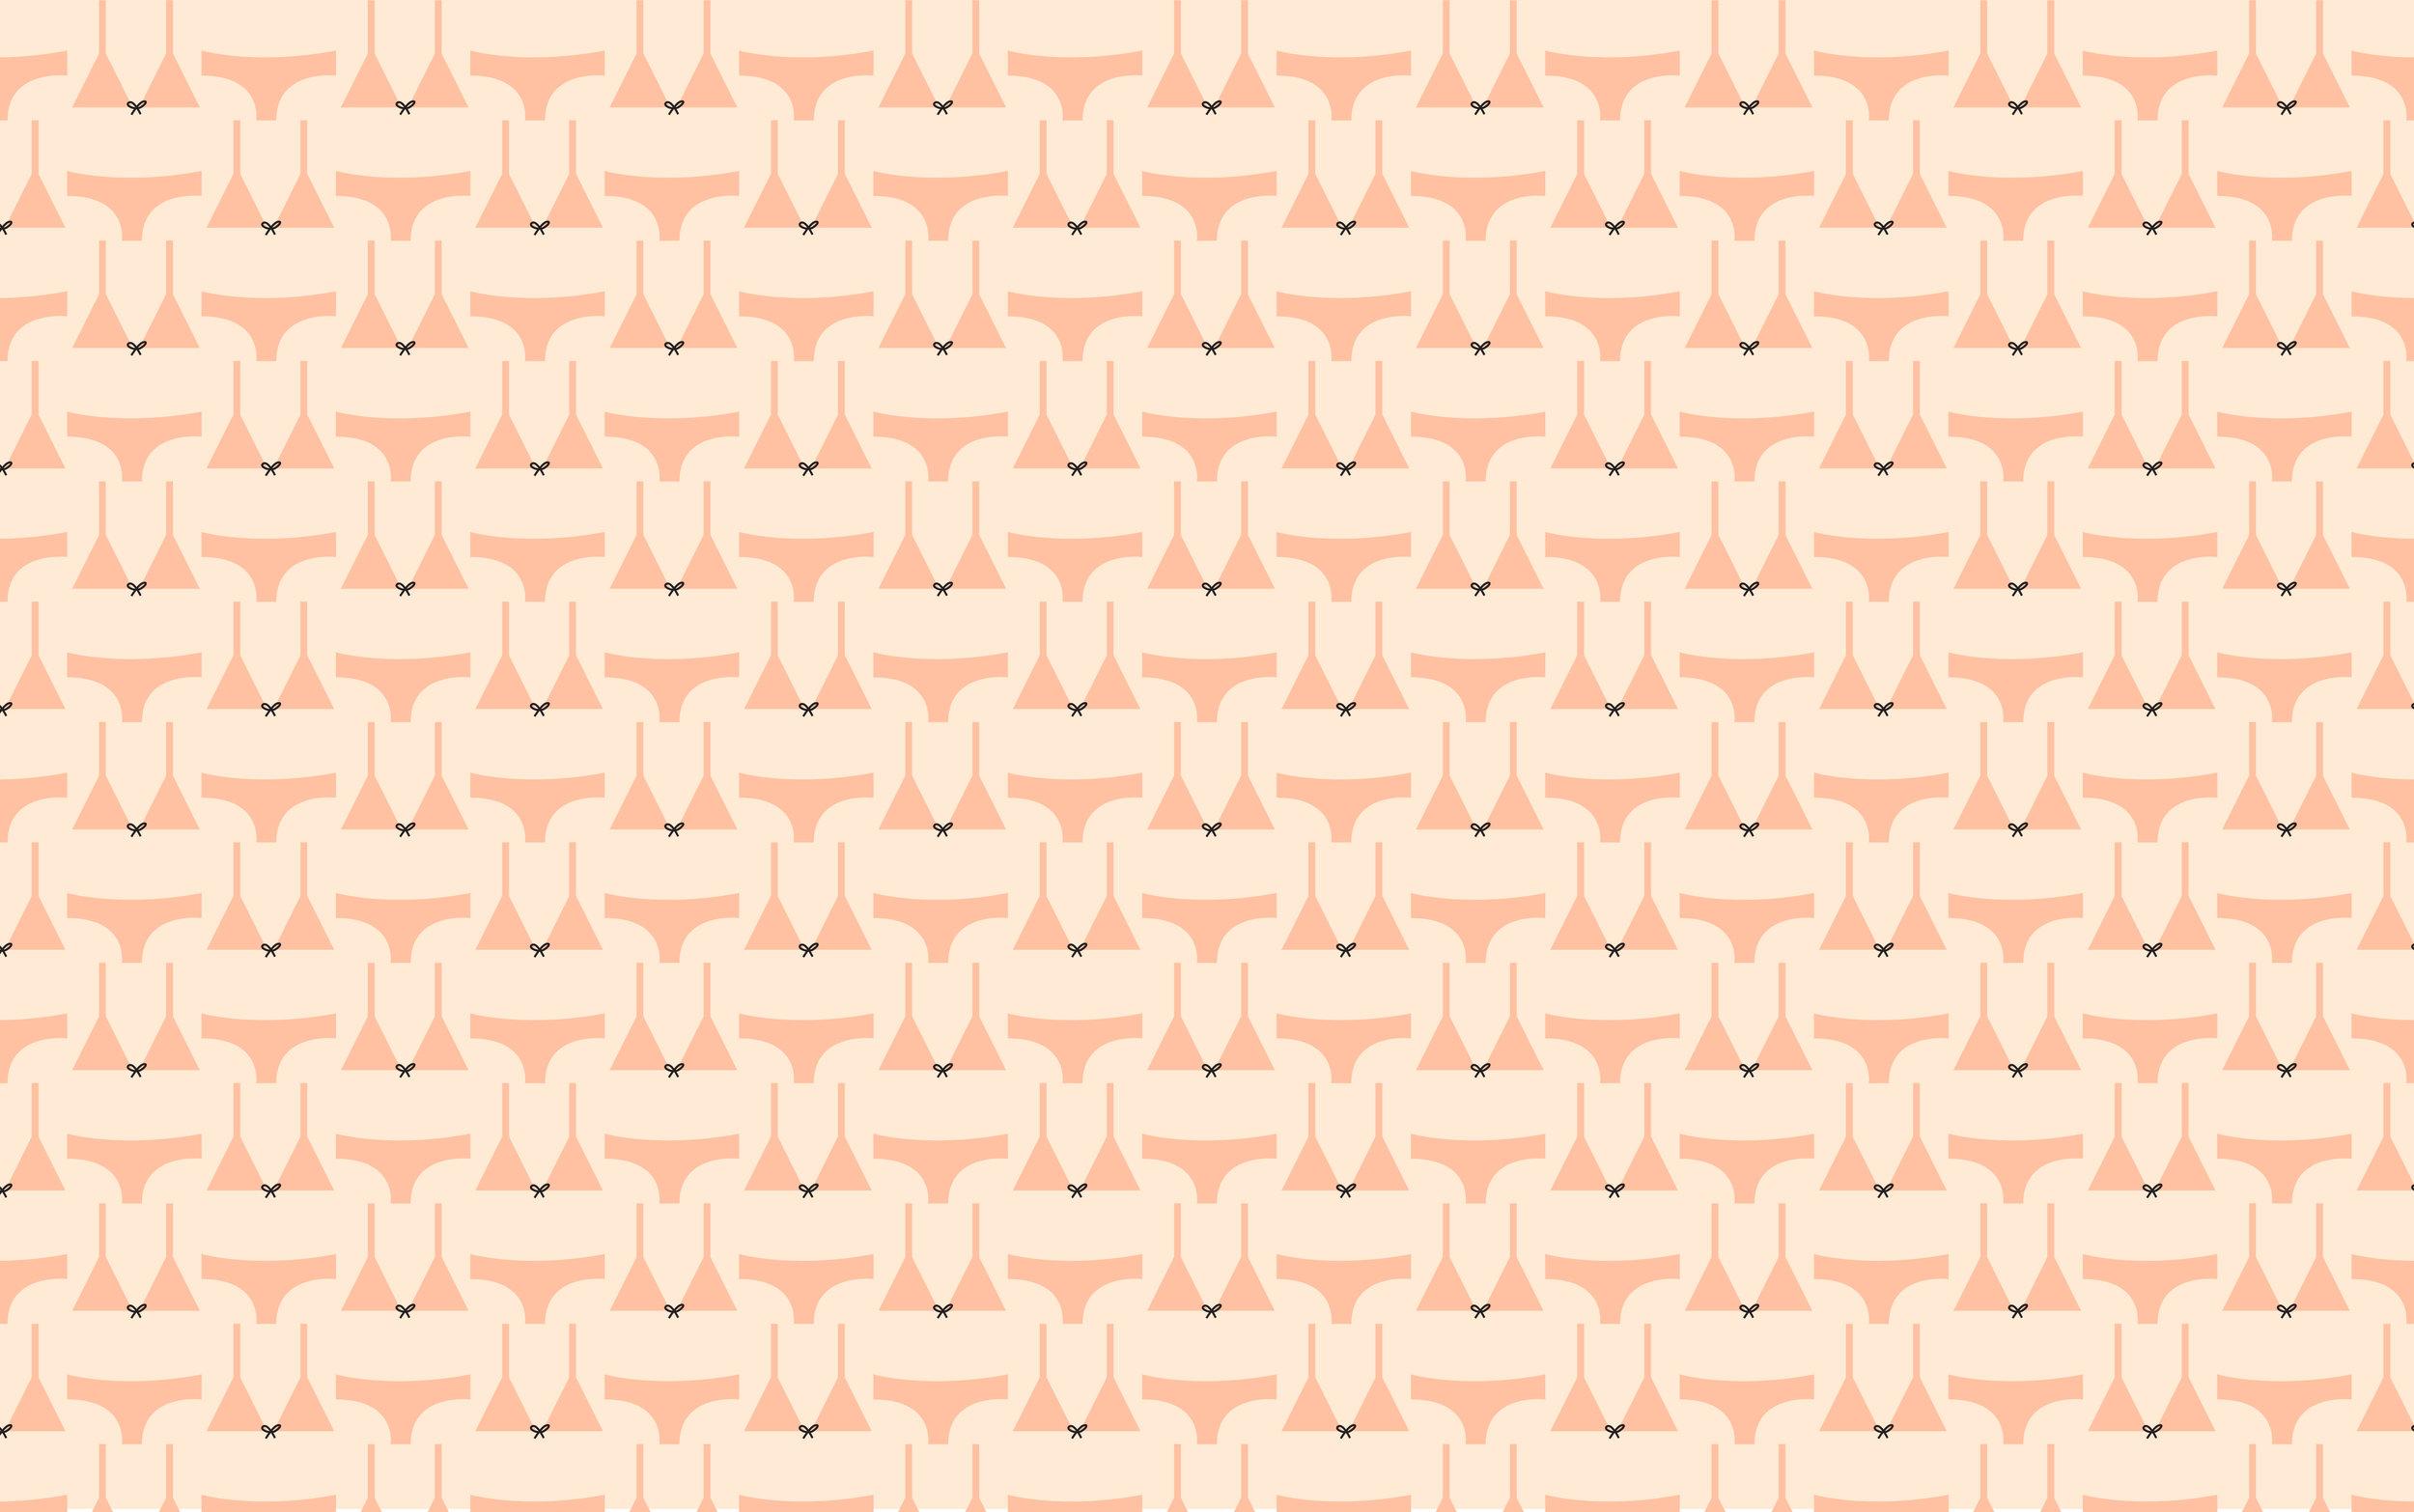 Underwear Pattern3.jpg